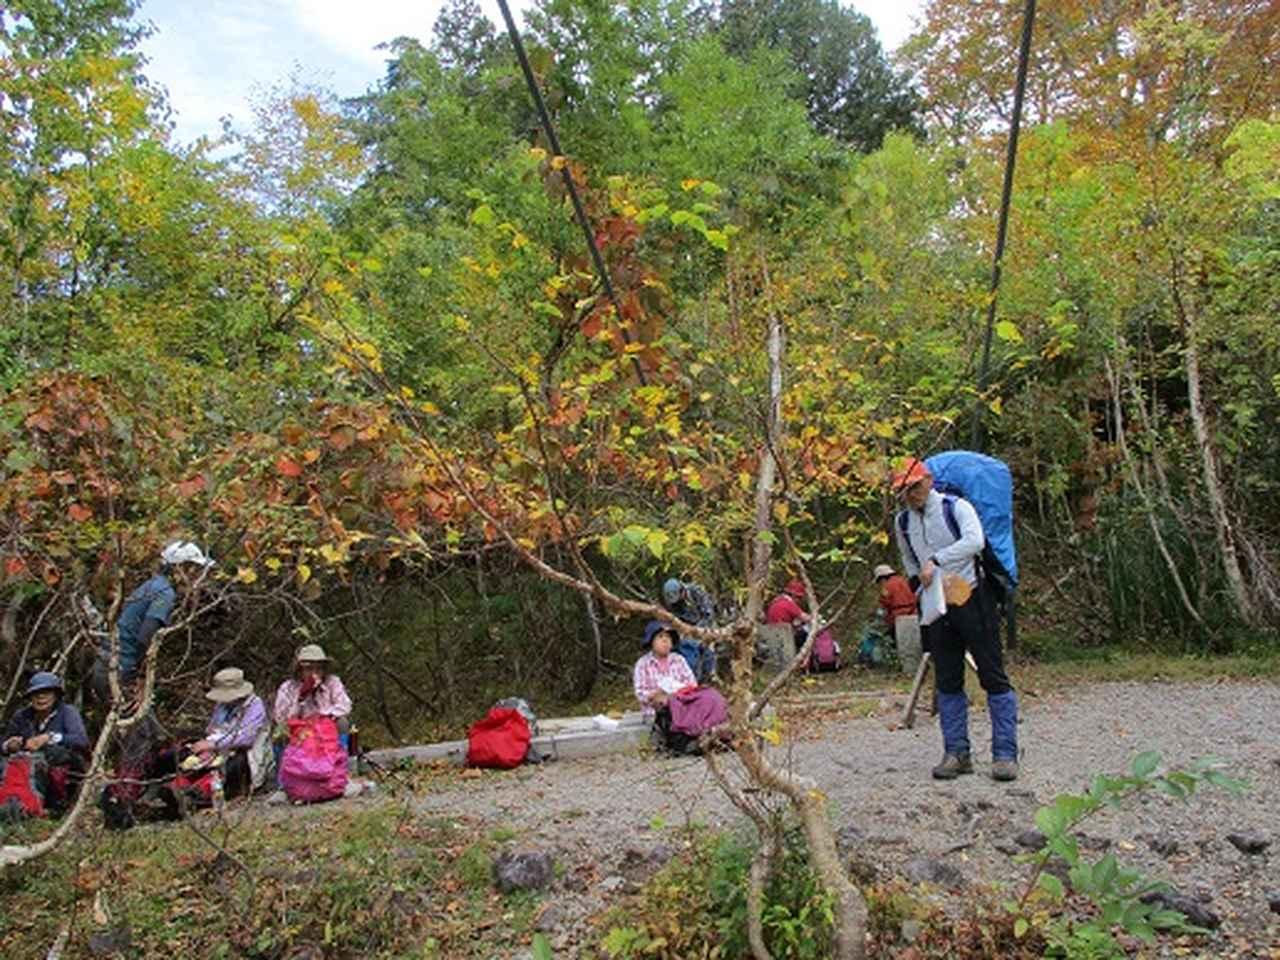 画像5: 【山旅会・登山ガイドこだわりツアー】添乗員からの便り・尾瀬燧裏林道ツアーにいってまいりました!(その3)